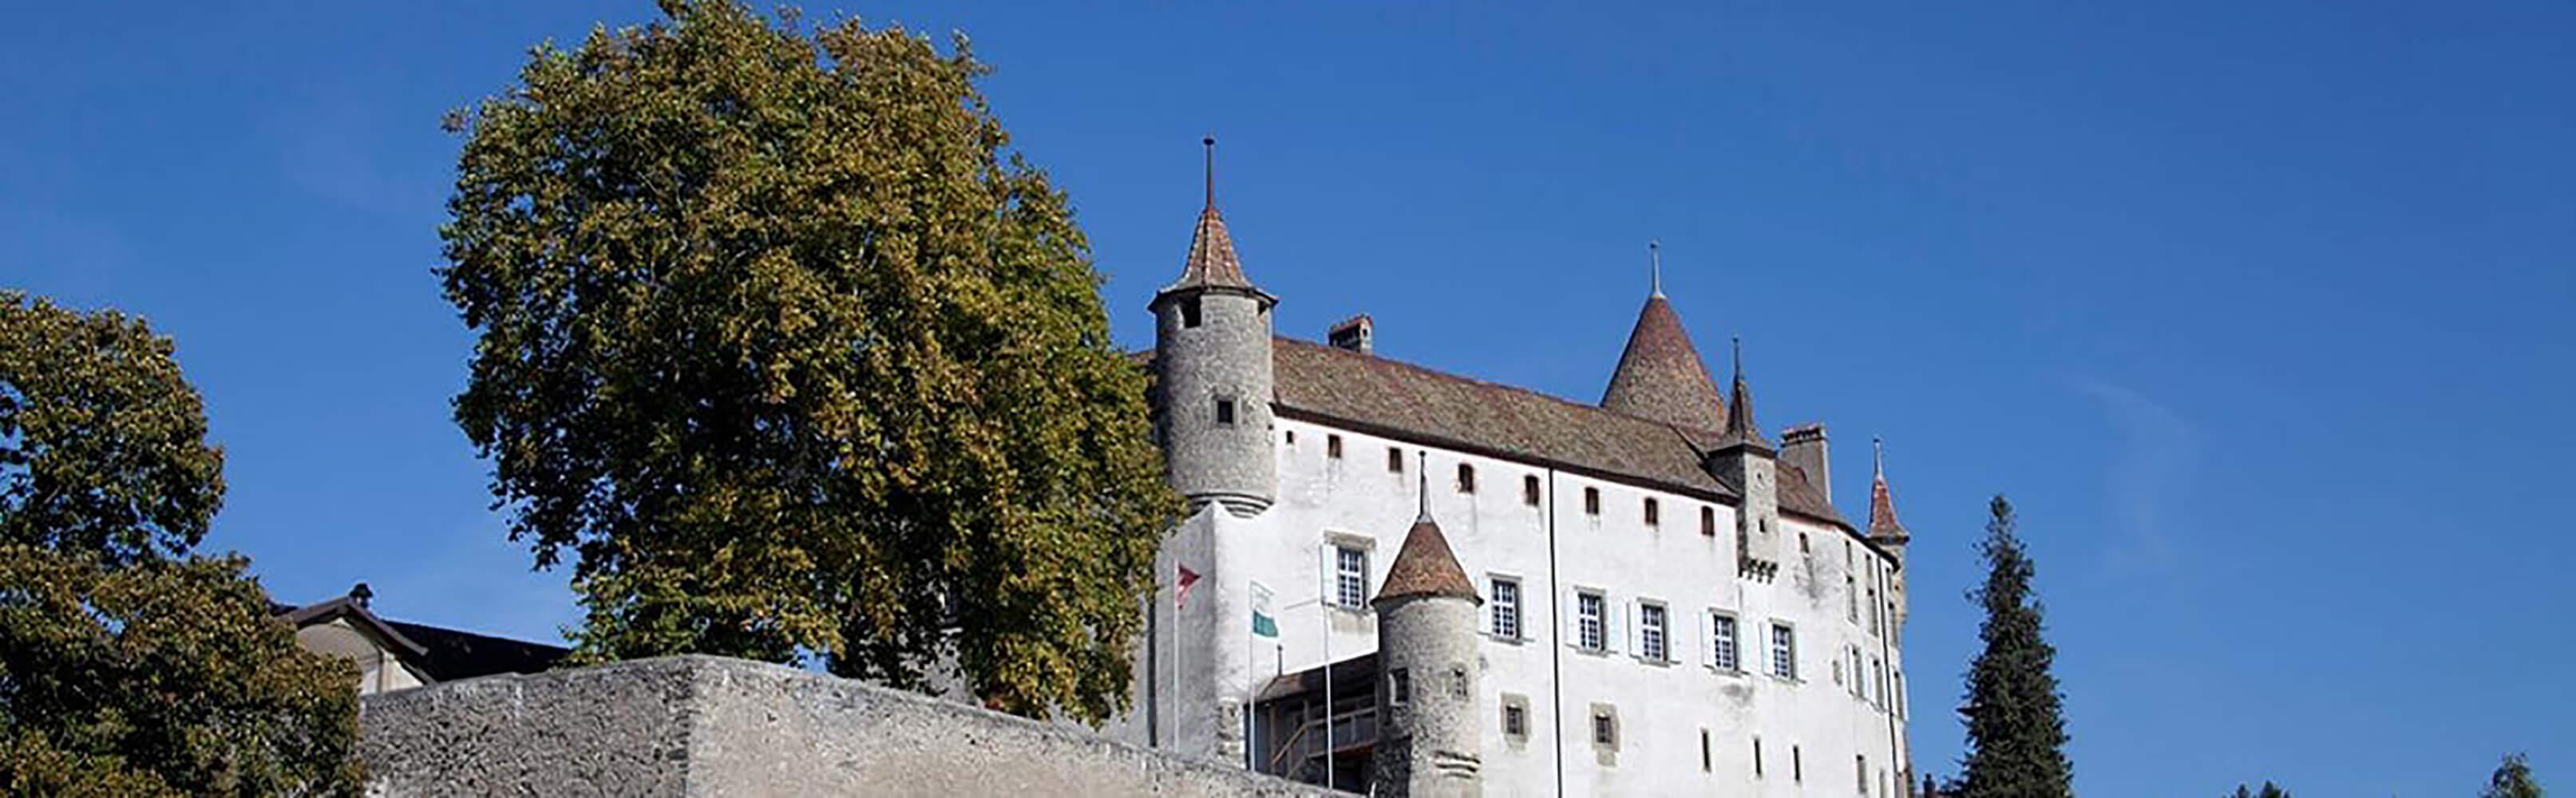 Château d'Oron in Oron-le-Châtel 1